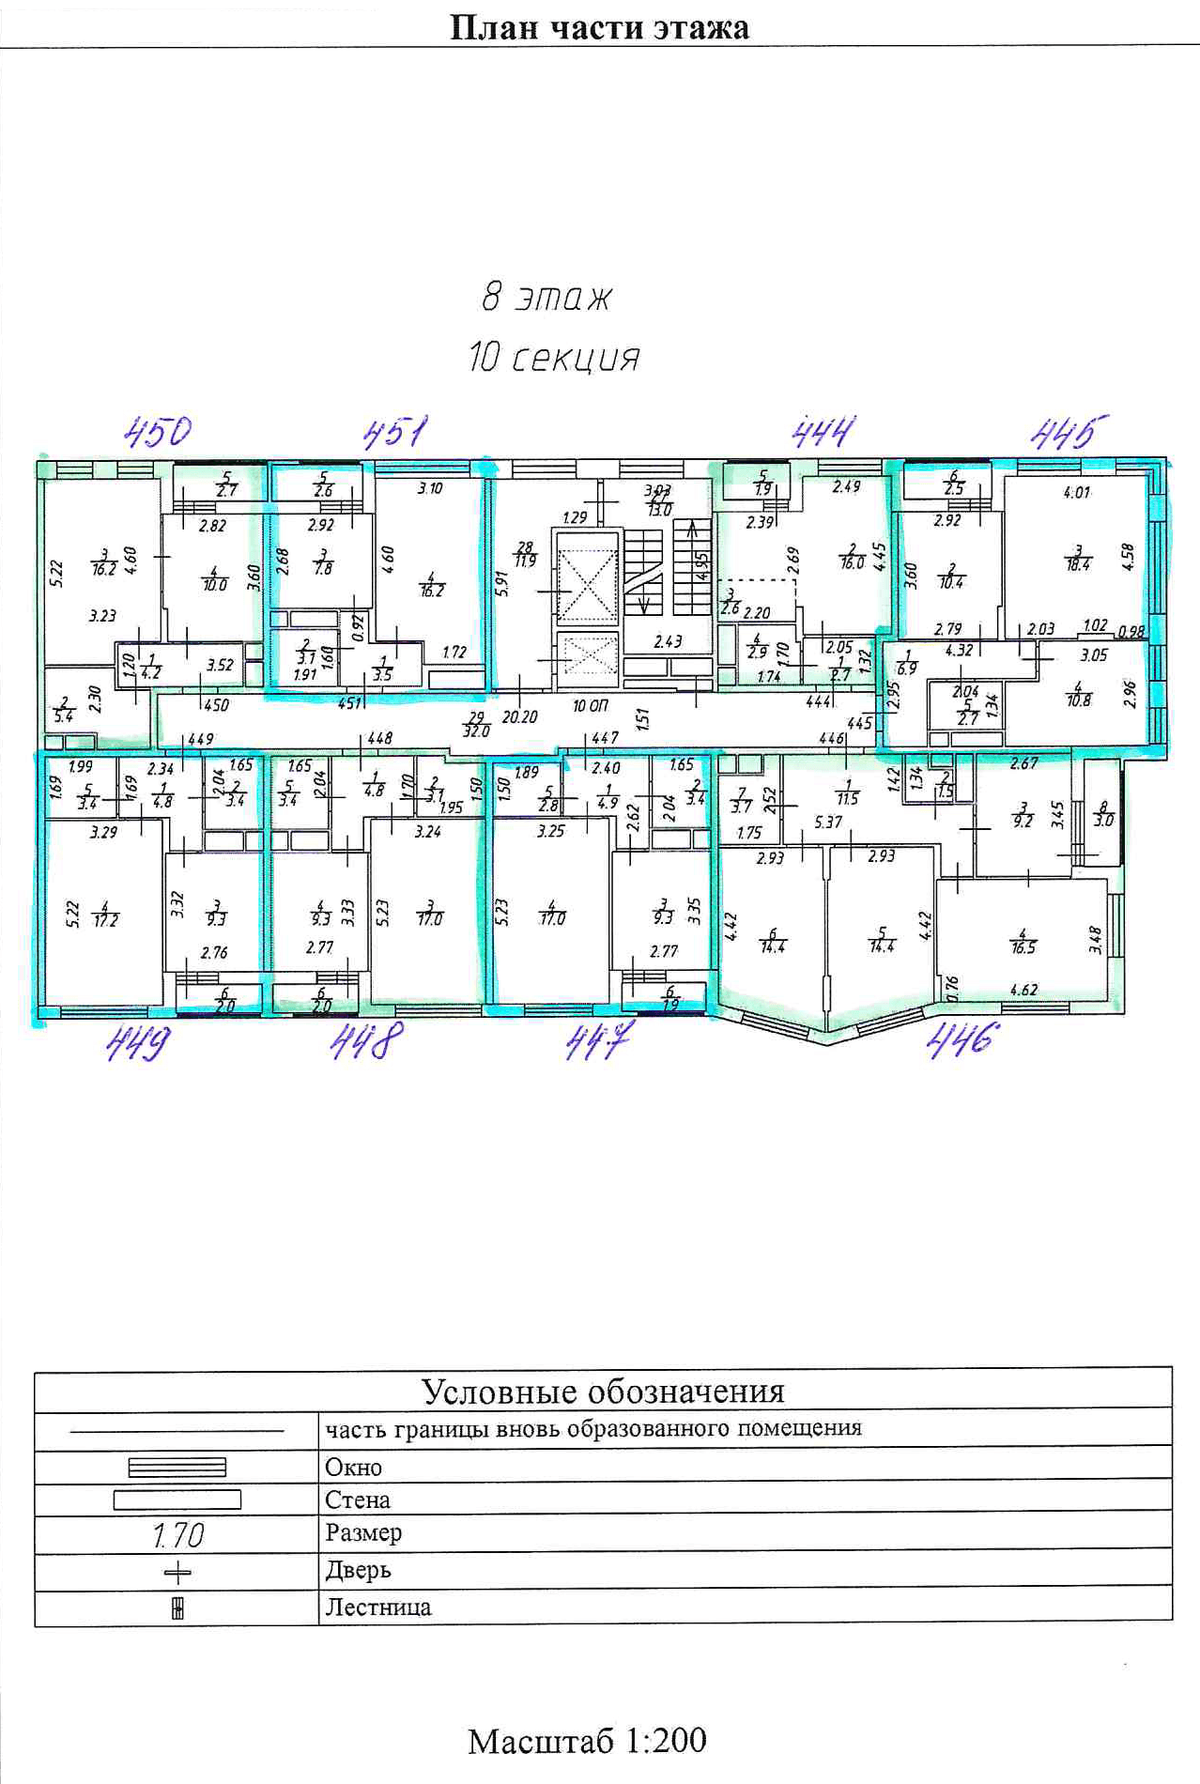 Поэтажный план объекта недвижимости, который подходит длявоенной ипотеки